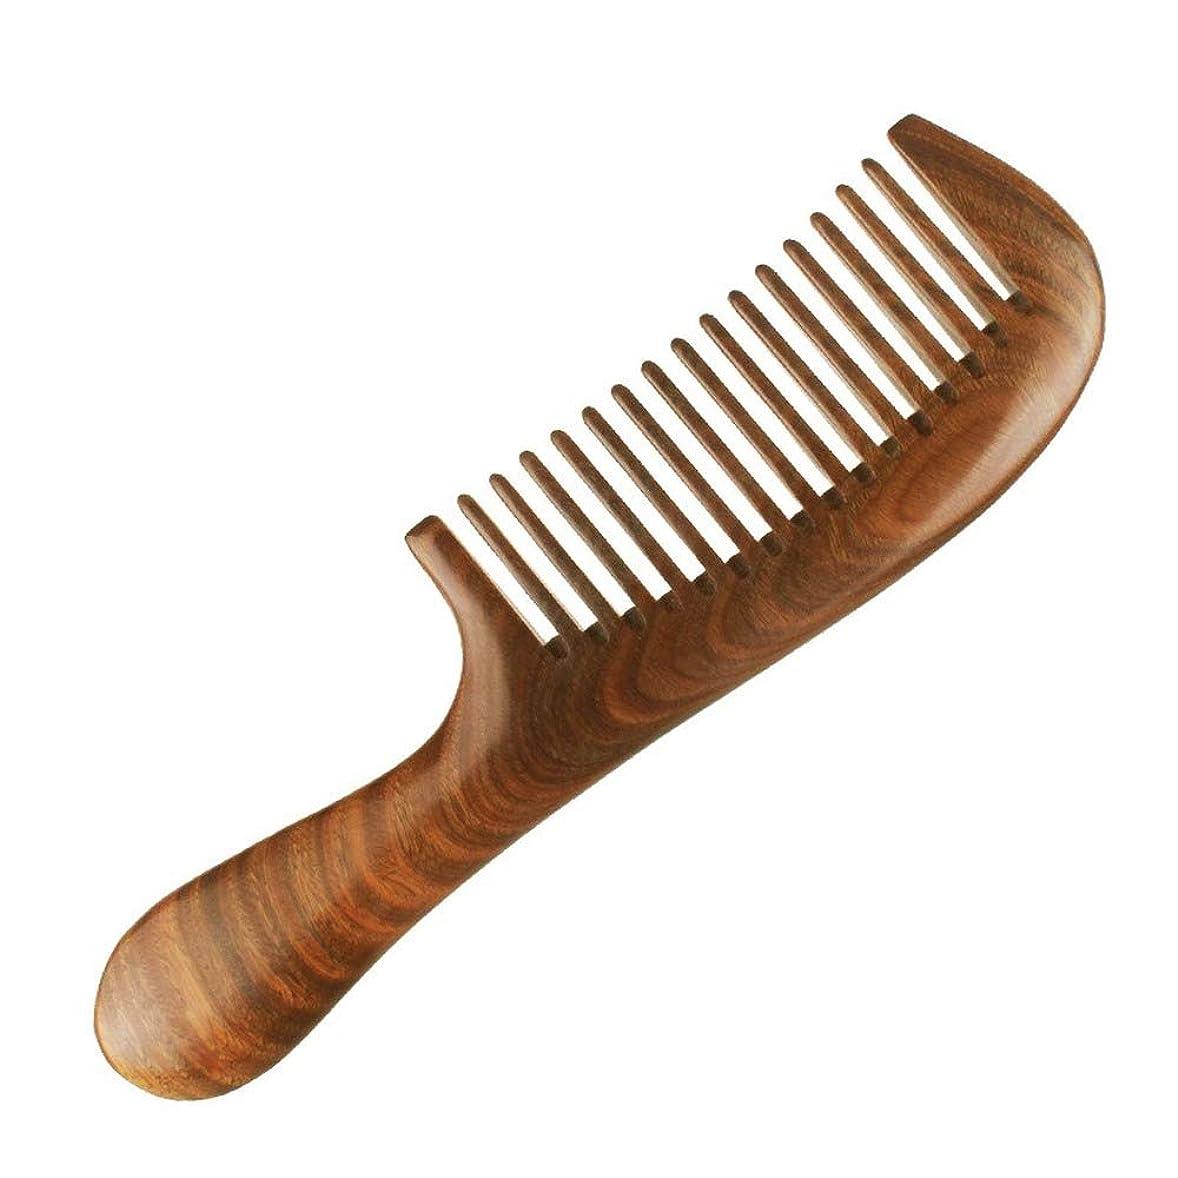 ライター素晴らしさステートメント白檀の櫛の歯の幅には、柄があります 天然緑檀の手作りで、つややかな丸みと滑らかな髪を整えます マッサージ長さ200 mm*幅54 mm*厚さ12 mm歯3.0 mm